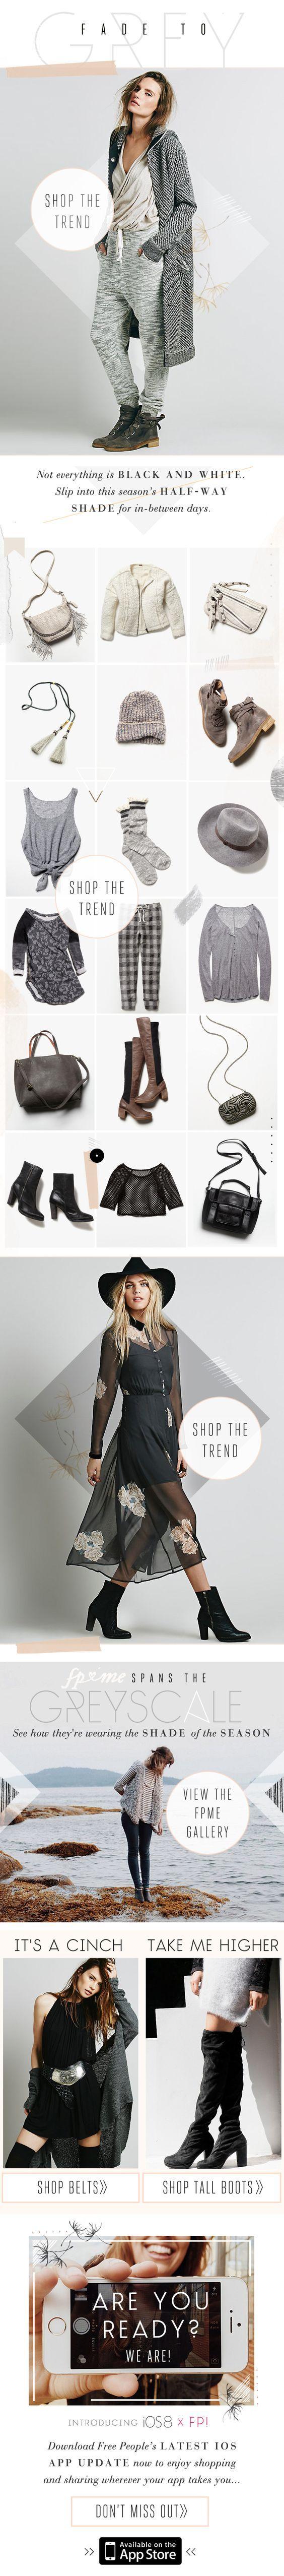 Email Design - Kellyn Walker // Graphic Designer: